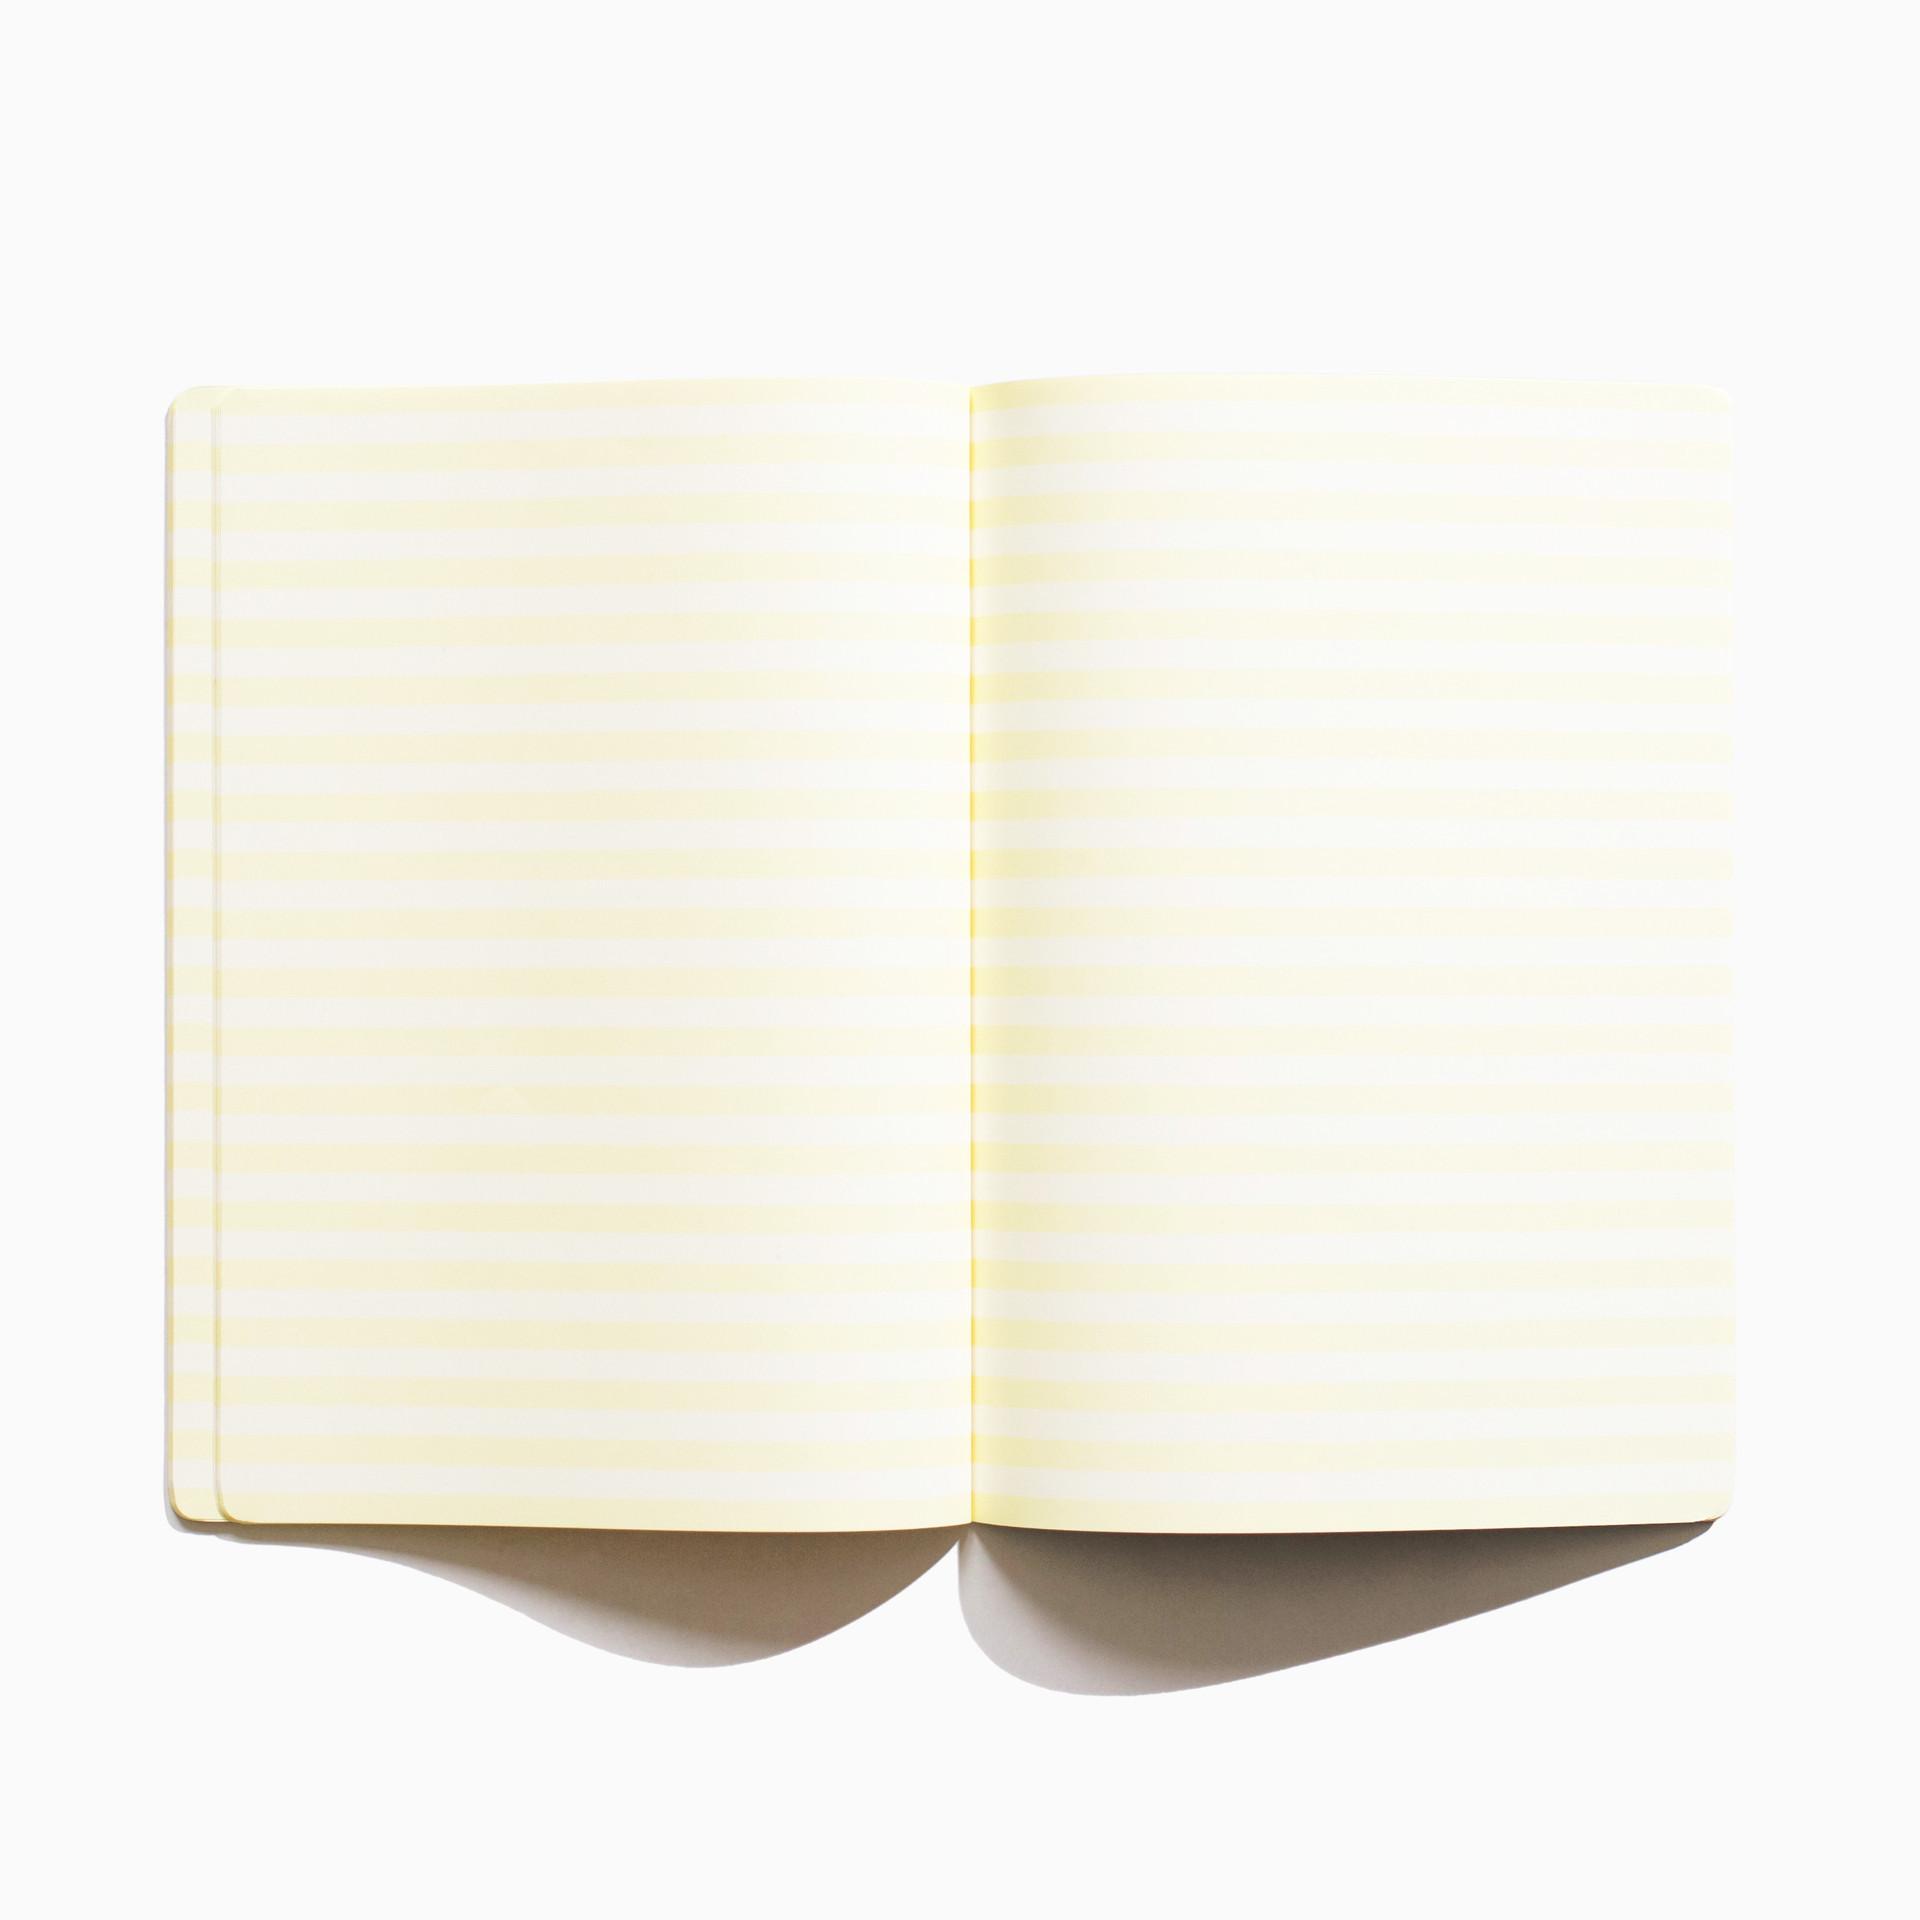 罫線ではなく、色で分ける。見た目でワクワク。書いてワクワク。文字を書くだけではなく、図形や絵も描きやすい。 勉強がはかどる!?このノートブックは、そんな煩わしい罫線をなくし、もっと、勉強することを楽しくするノートブックです。